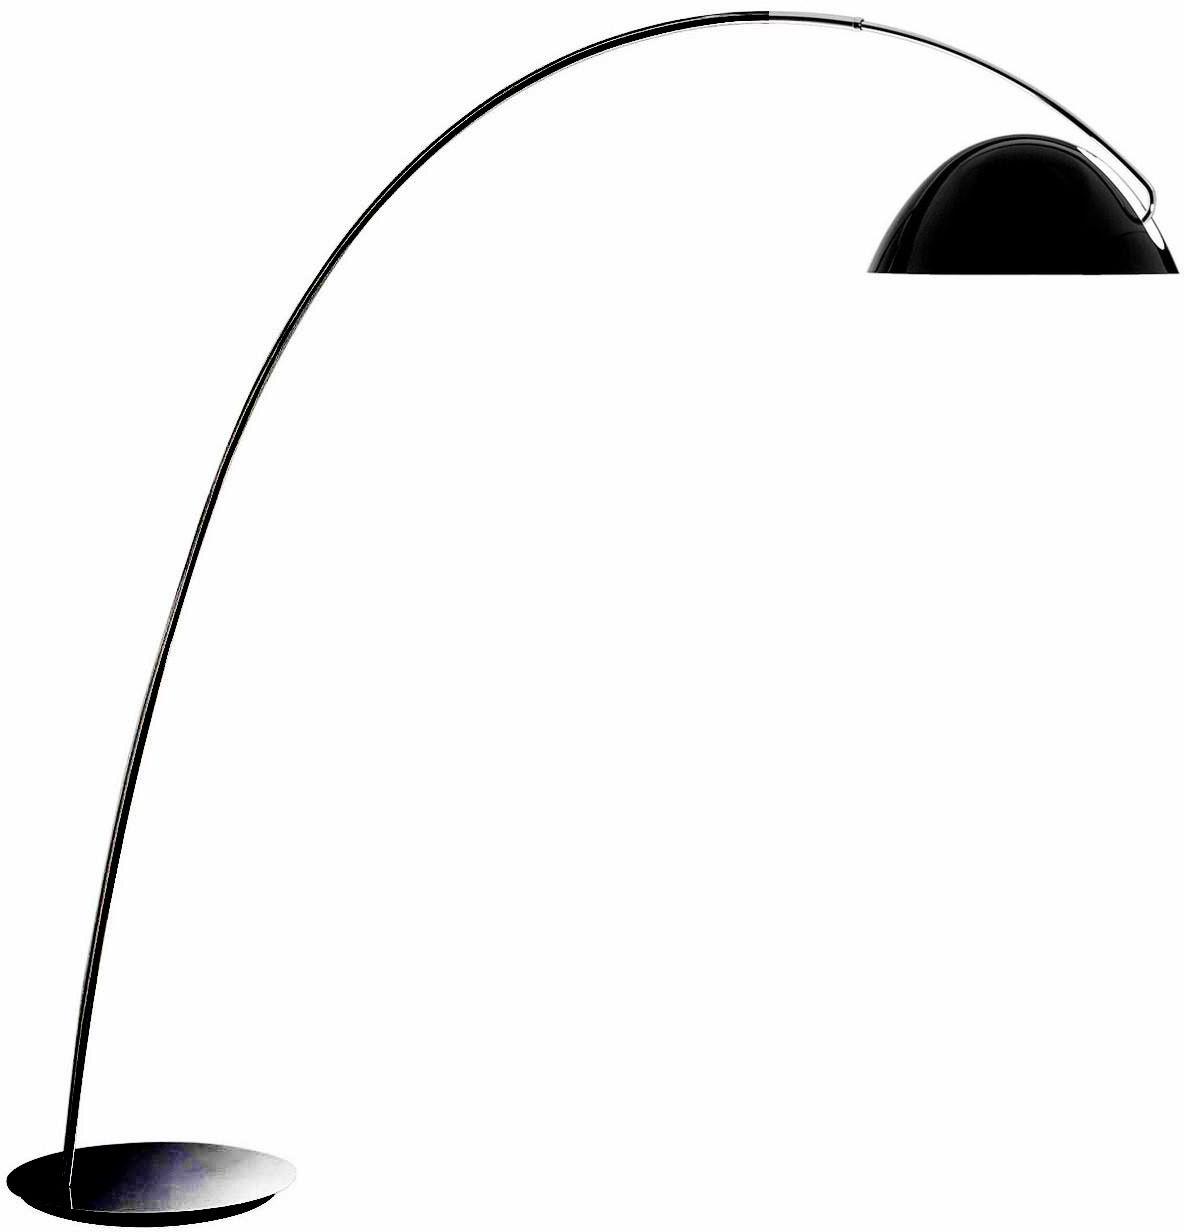 Lampa podłogowa Pluma P-2959 Estiluz czarna oprawa w stylu design